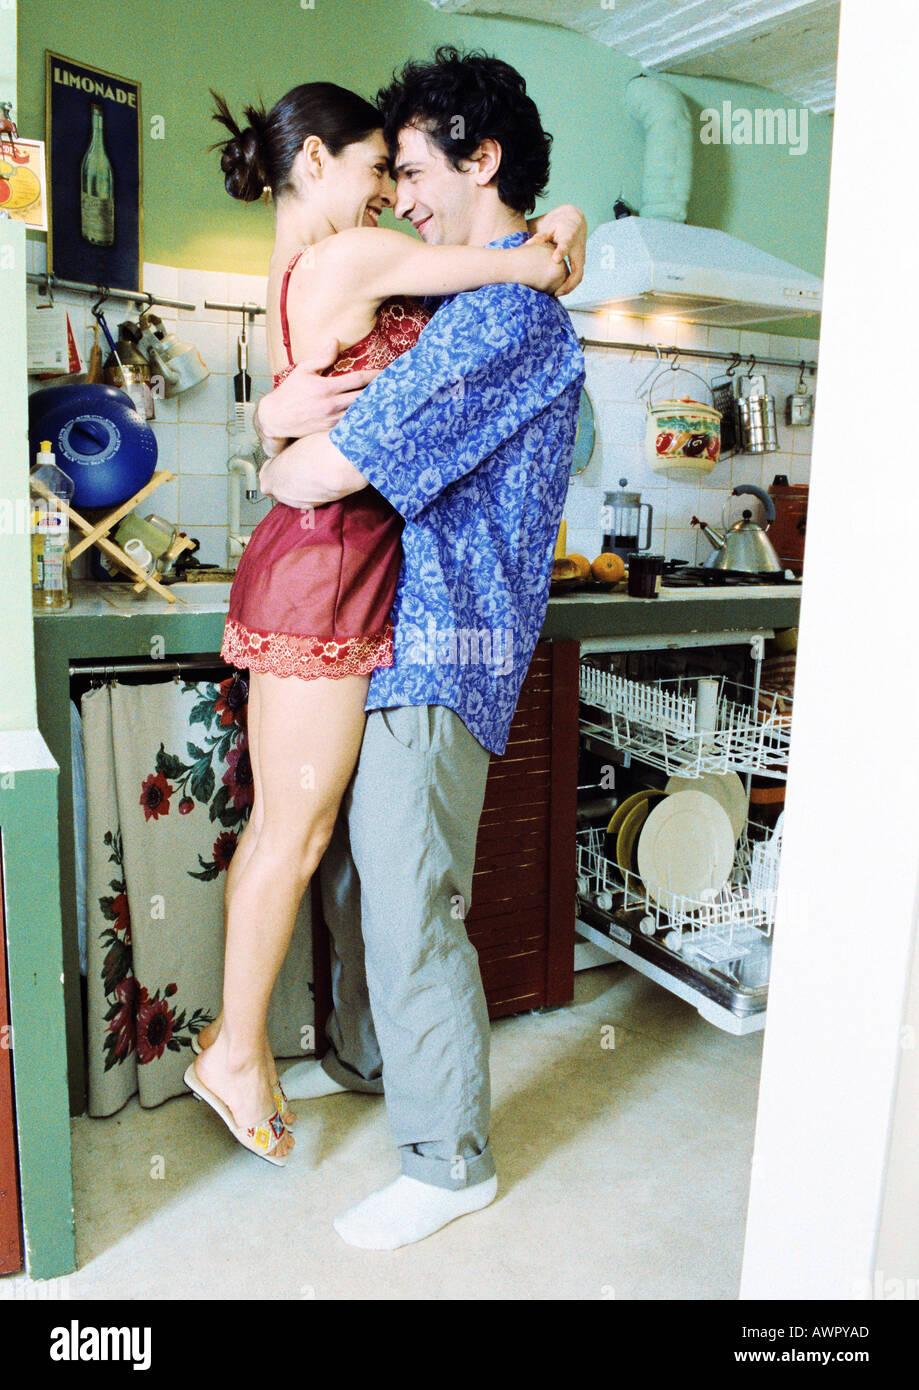 L'homme et la femme, joignant en cuisine, femme de pieds du sol. Banque D'Images